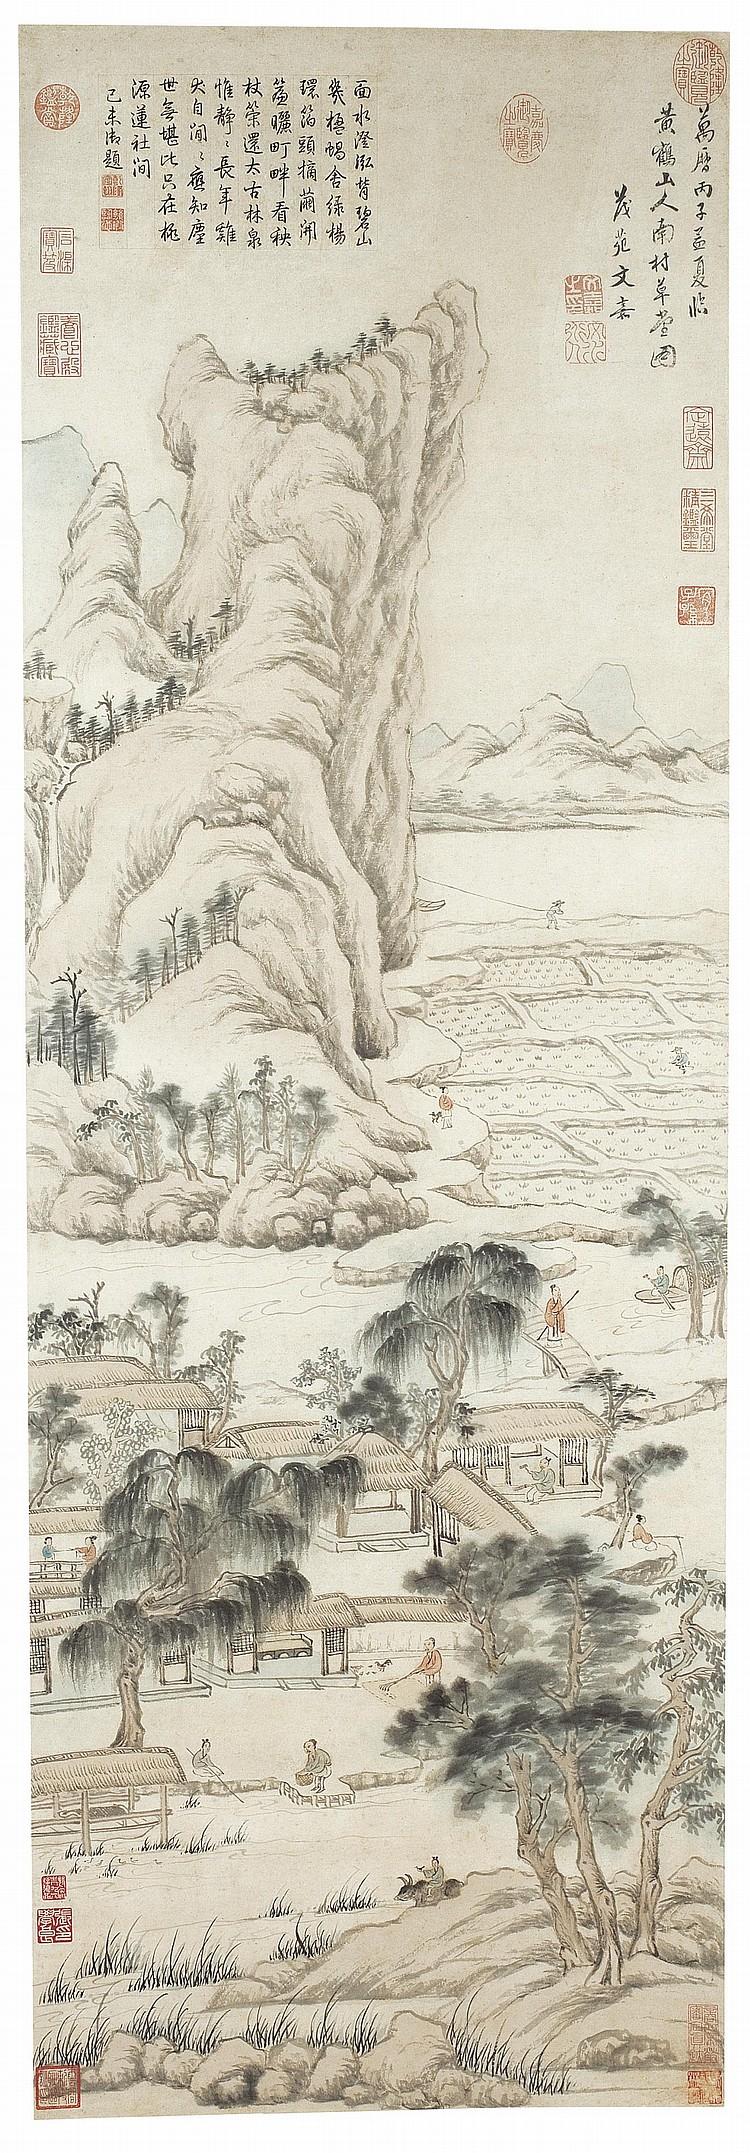 WEN JIA 1501-1583